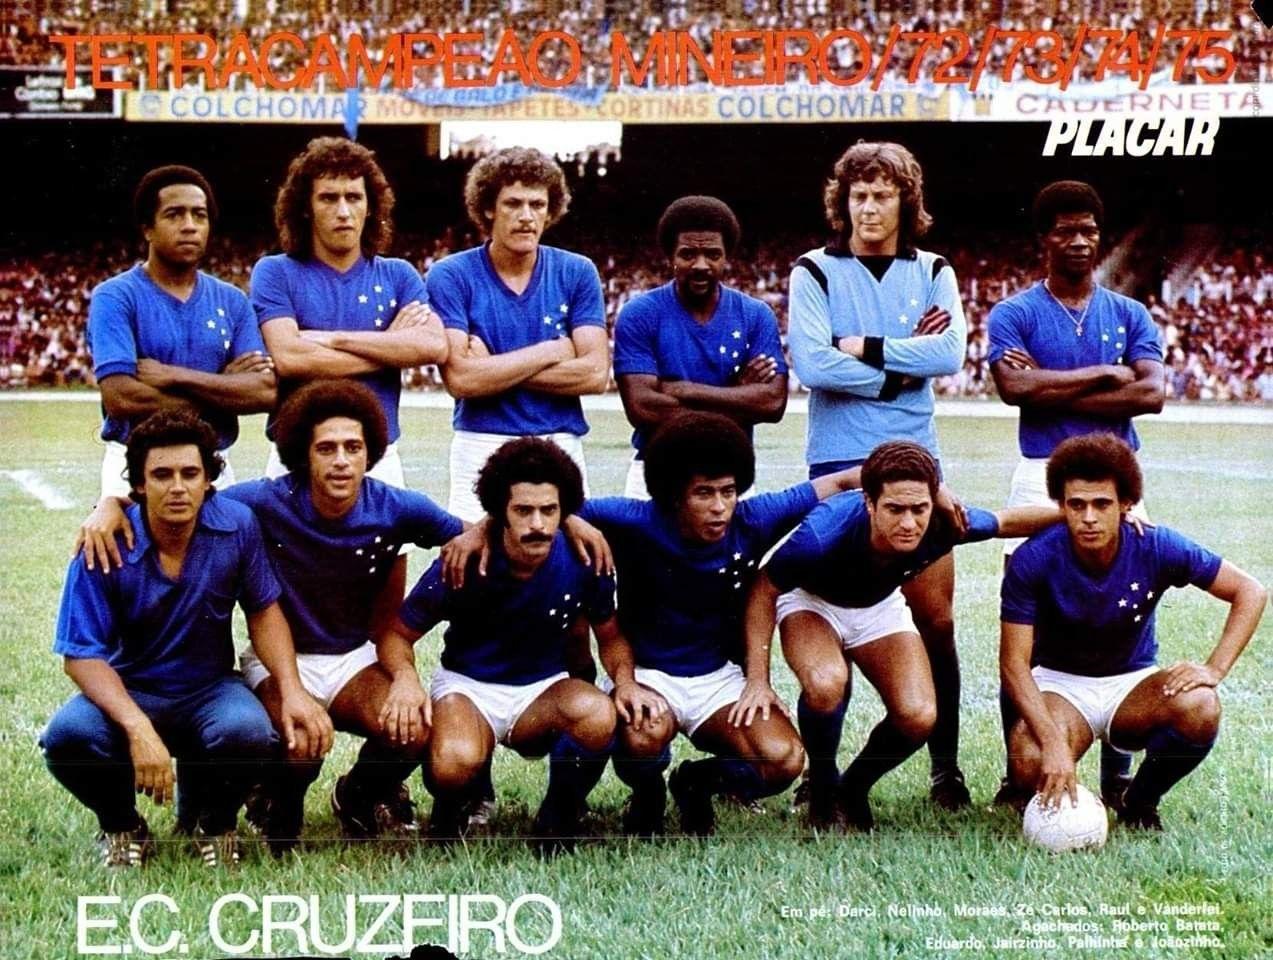 Cruzeiro Esporte Clube 1976 Darci Nelinho Moraes Ze Carlos Raul E Vanderlei Agachados Saudoso Roberto B Cruzeiro Esporte Cruzeiro Esporte Clube Cruzeiro